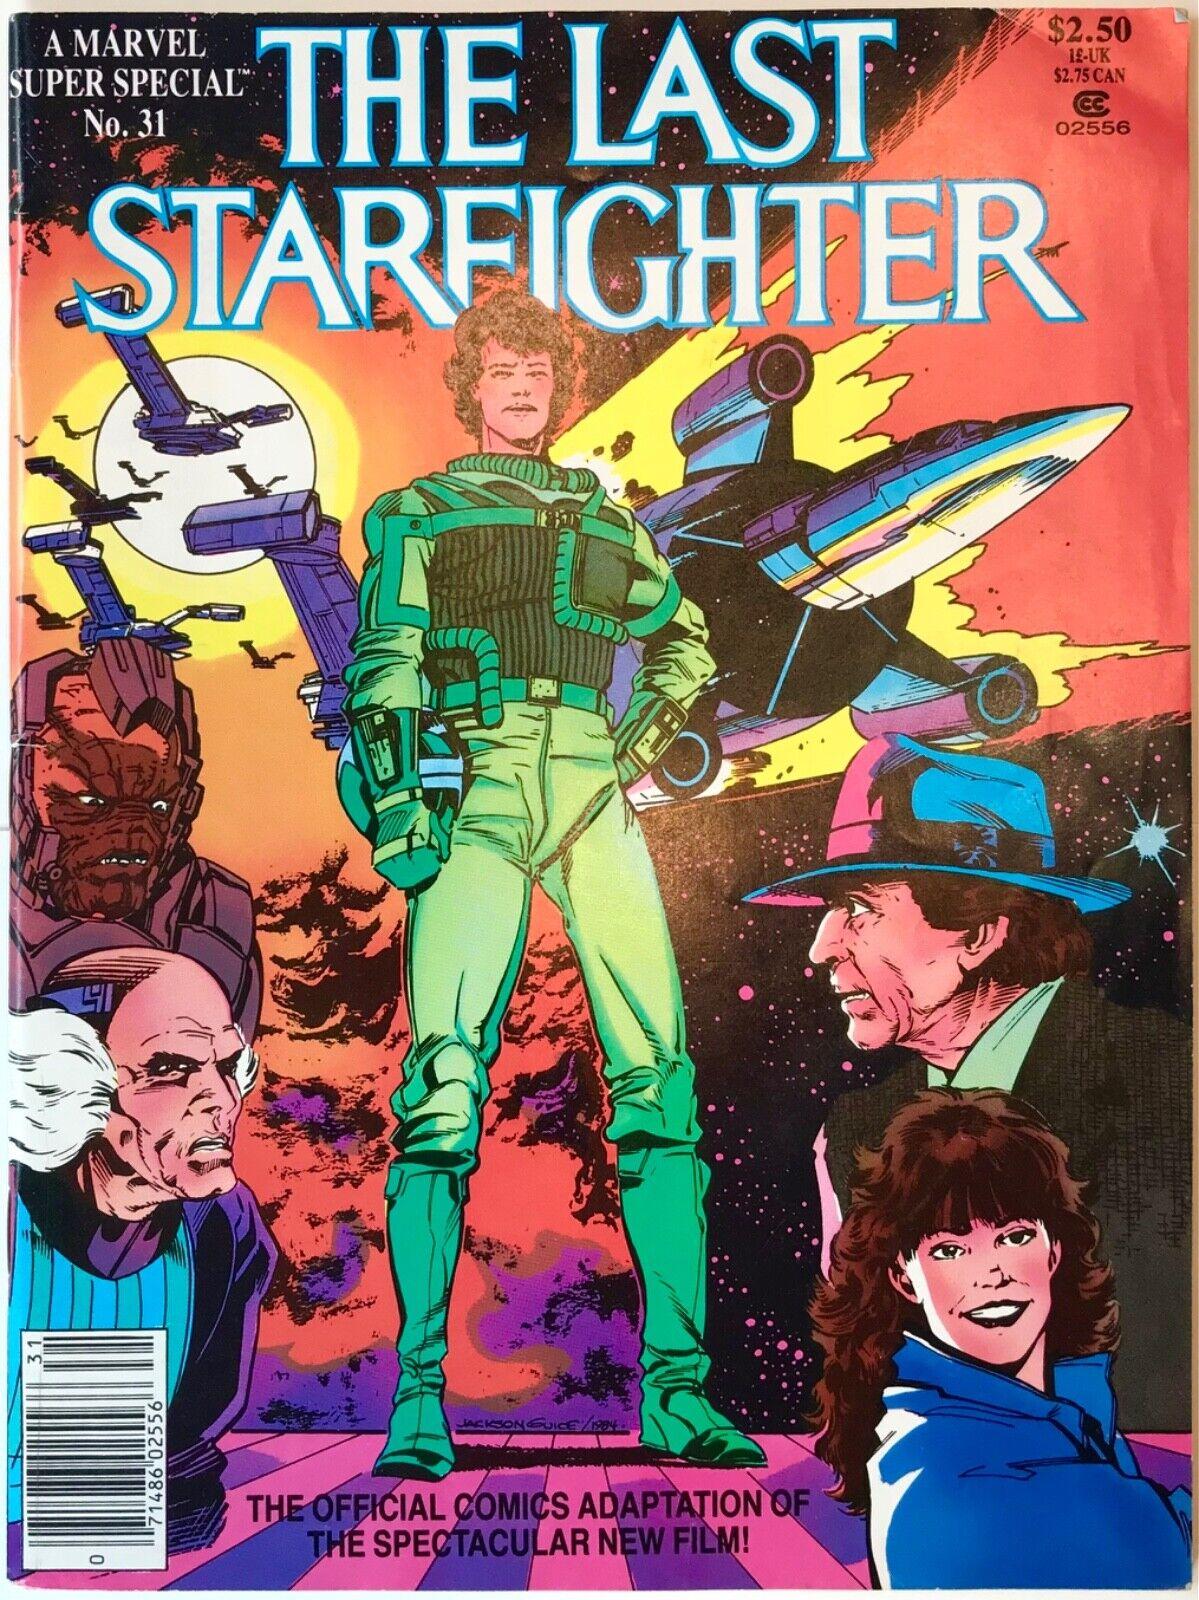 MARVEL SUPER SPECIAL 31 - THE LAST STARFIGHTER Movie Adaptation 1984 VG Cond - $4.99